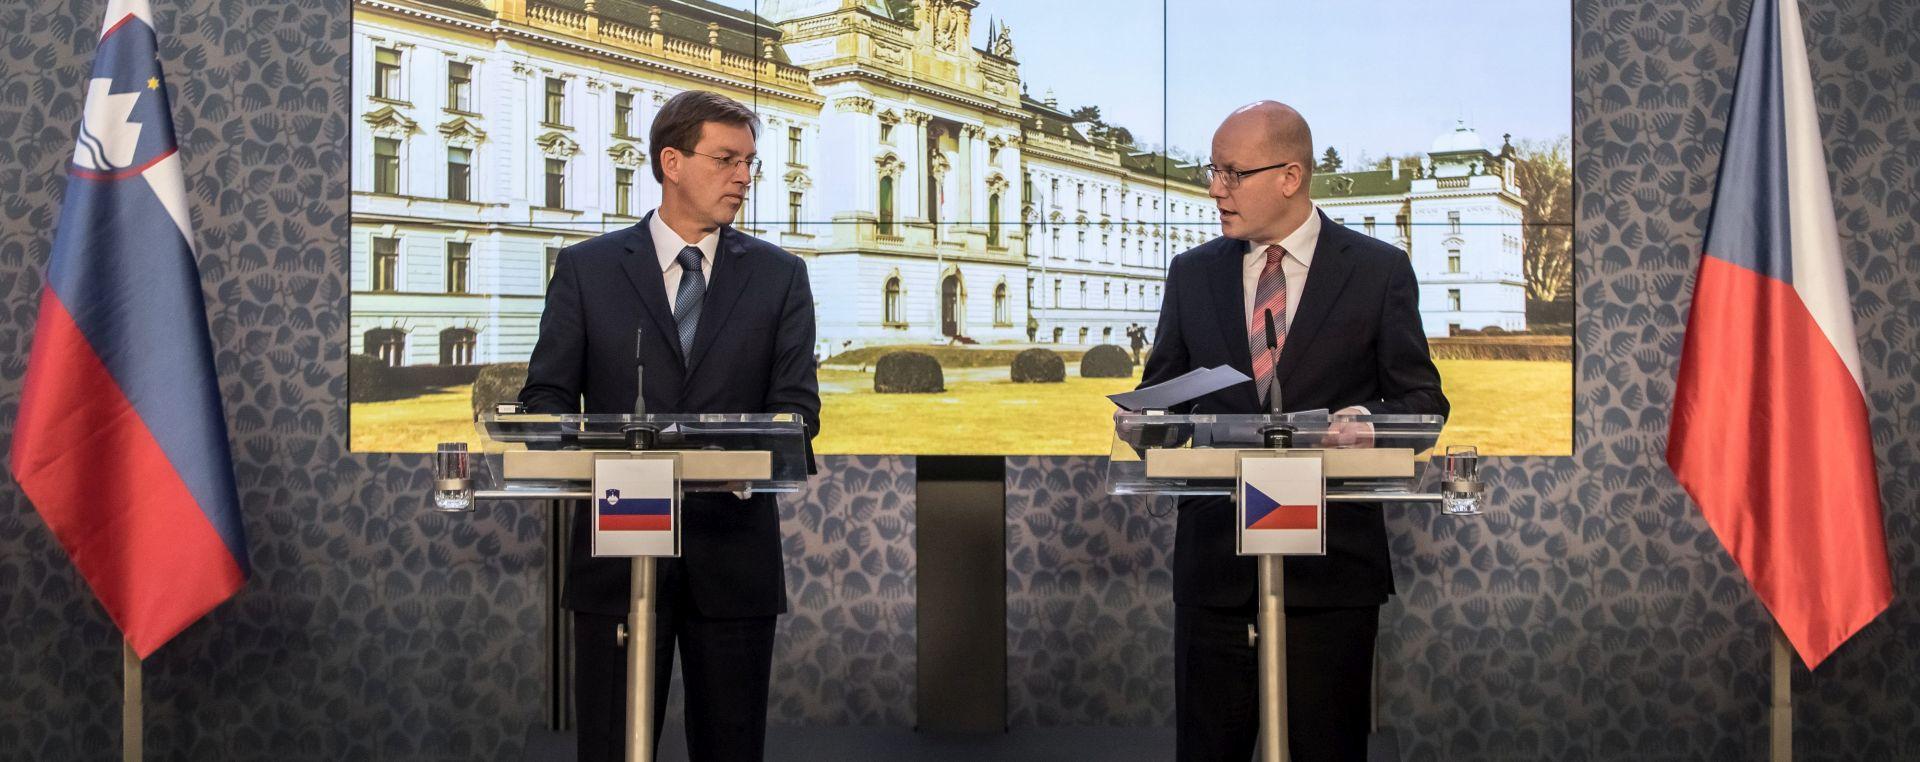 SURADNJA DVIJU ZEMALJA: Slovenski i češki premijer o luci Koper i europskoj perspektivi Balkana